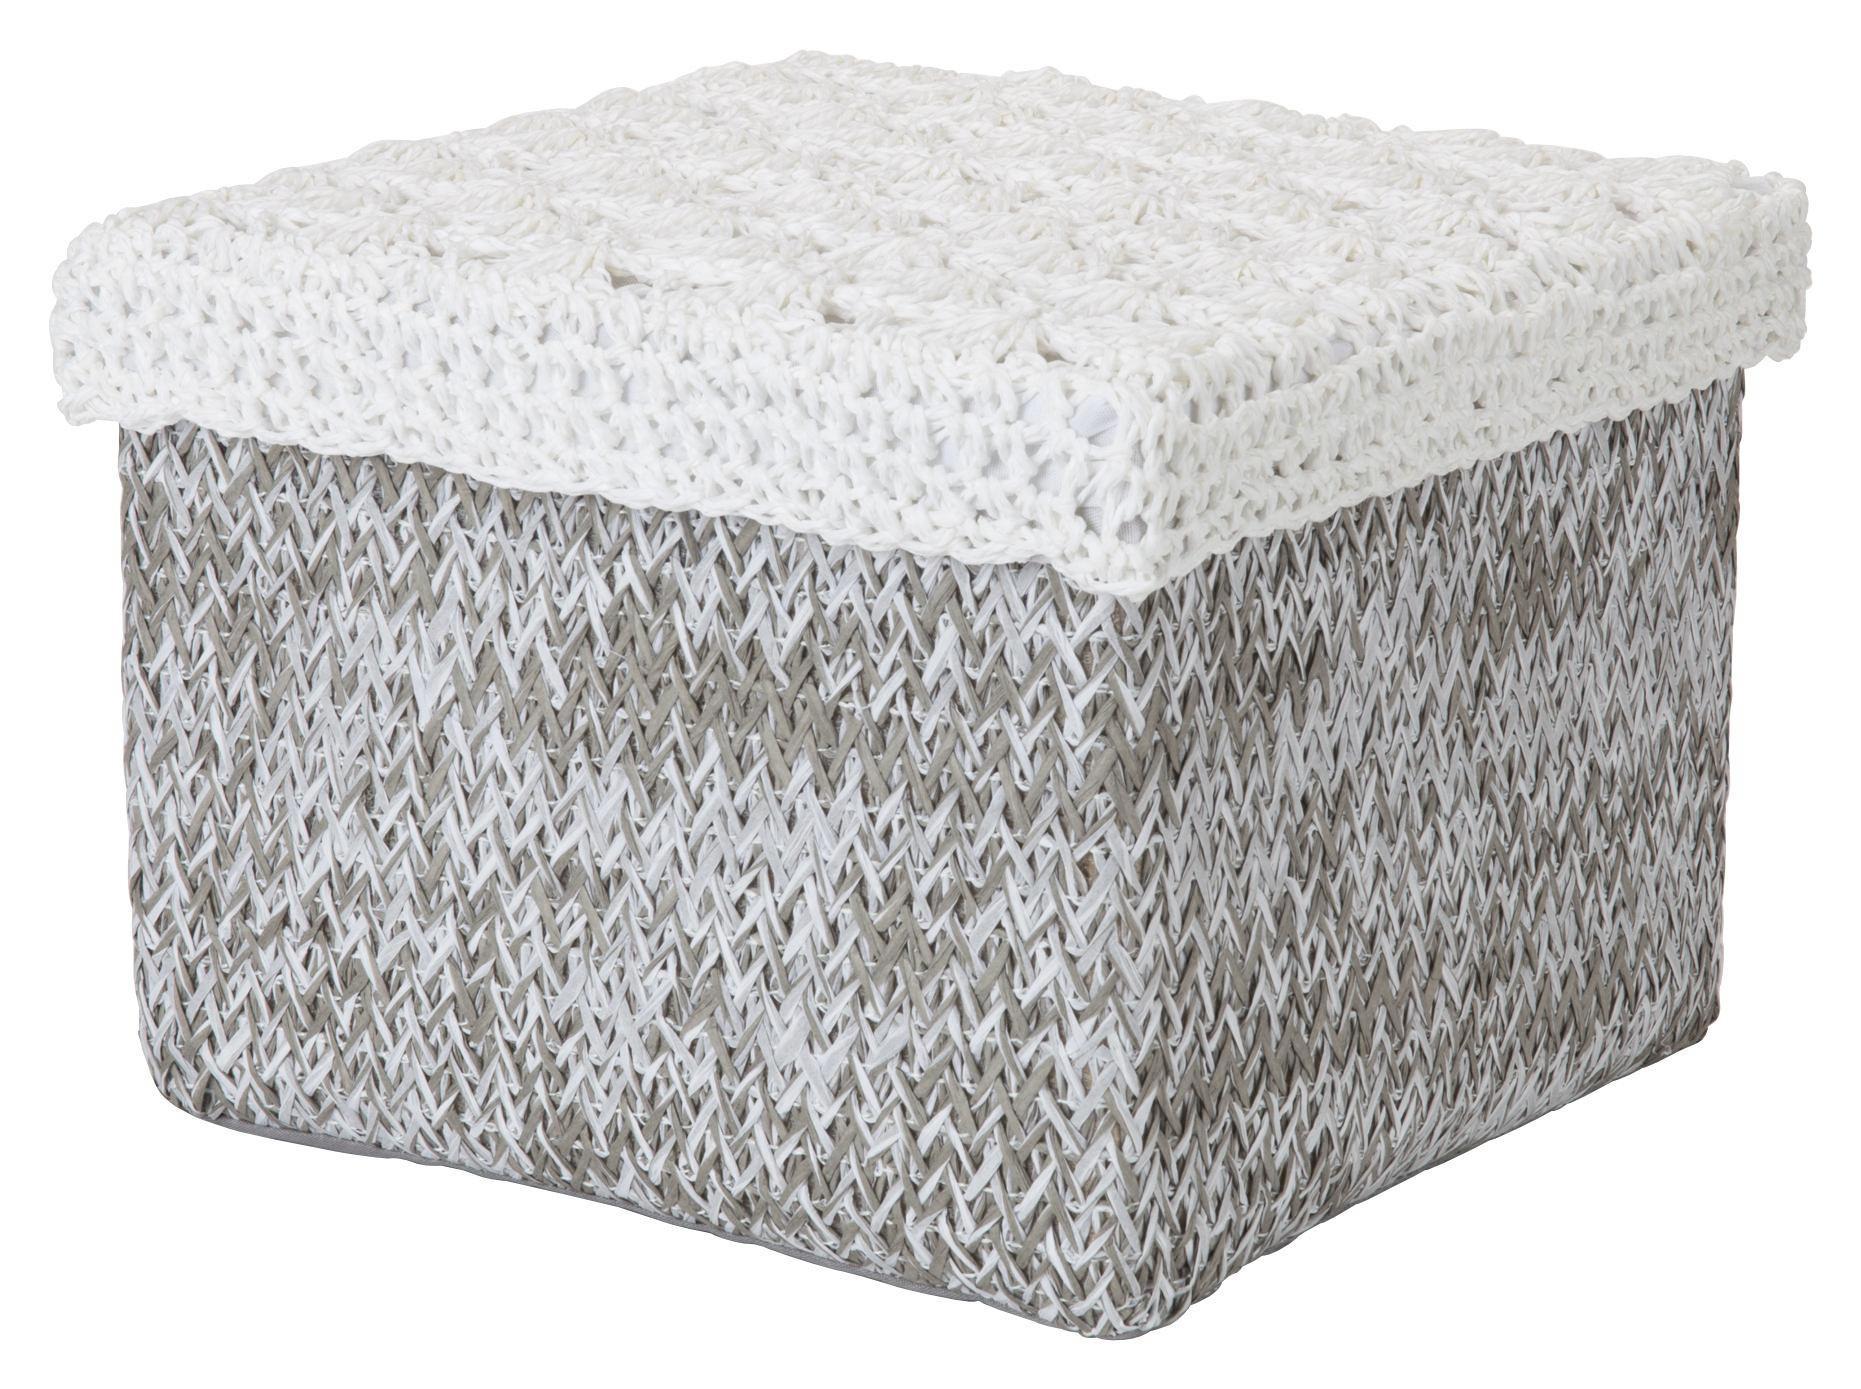 REGALKORB - Weiß/Grau, Basics, Papier (26/26/18cm) - LANDSCAPE